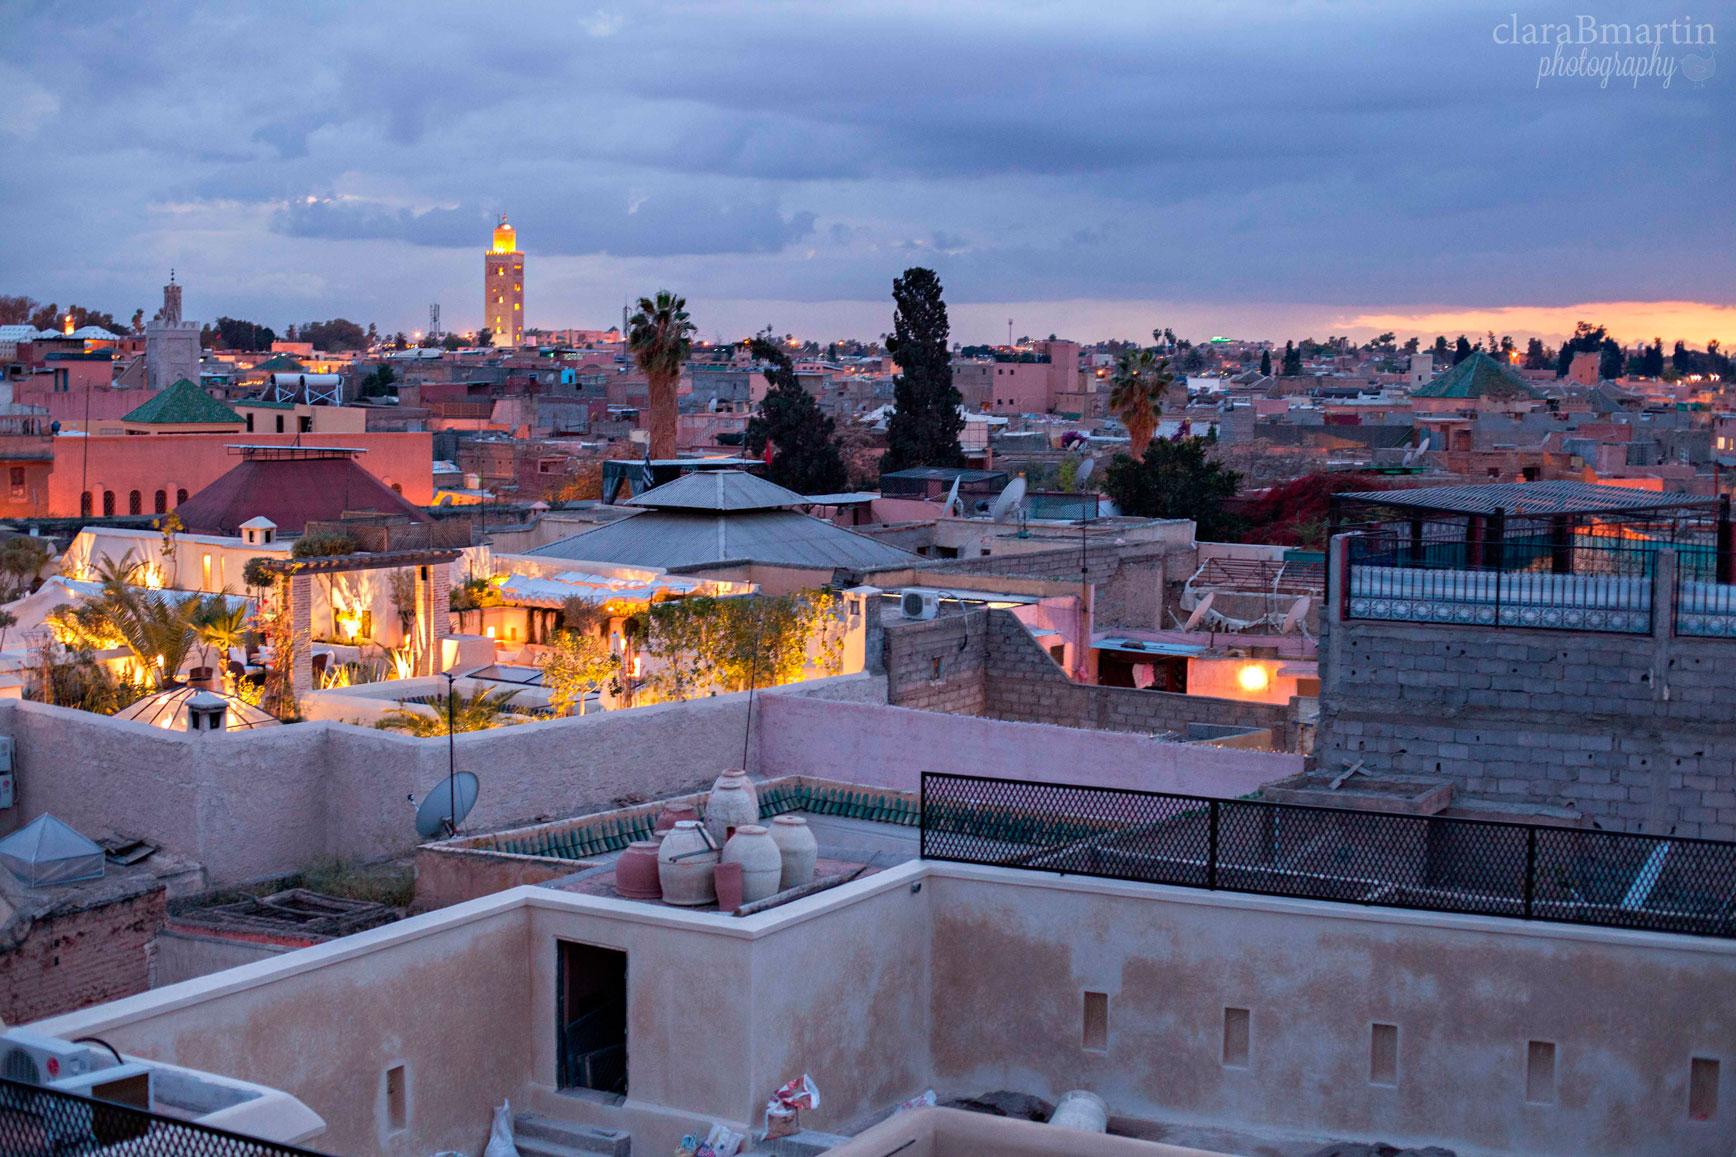 Marrakech_claraBmartin_05